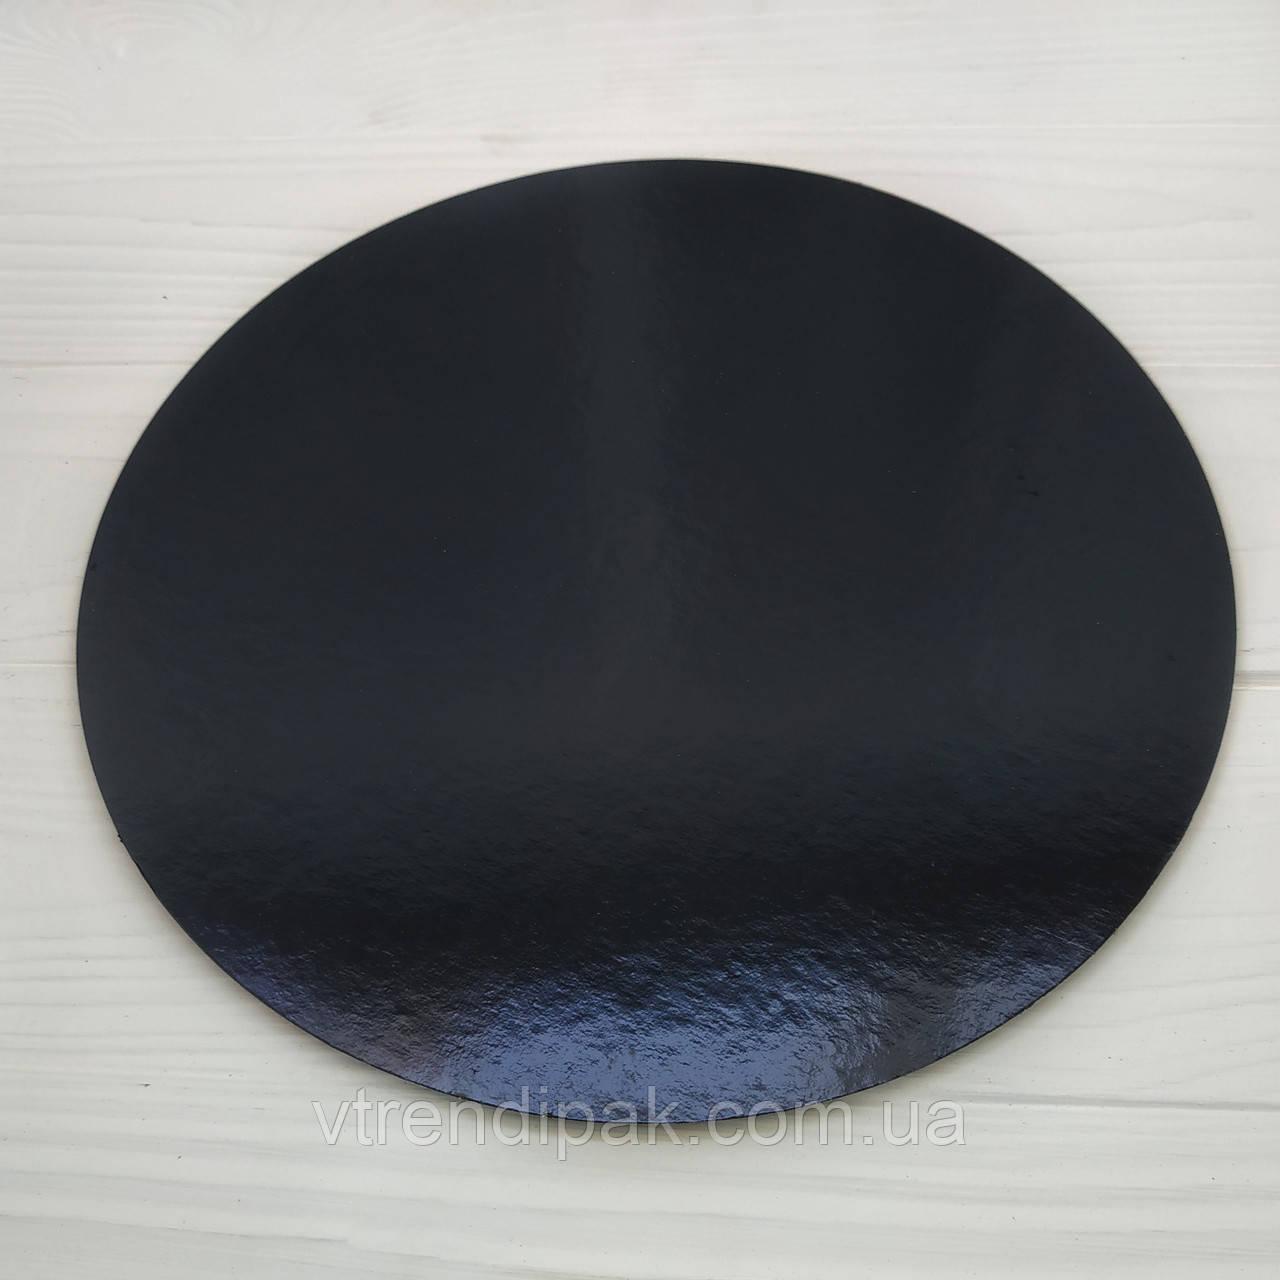 Підложка ламінована чорний-чорний 1.2 мм круг 230мм